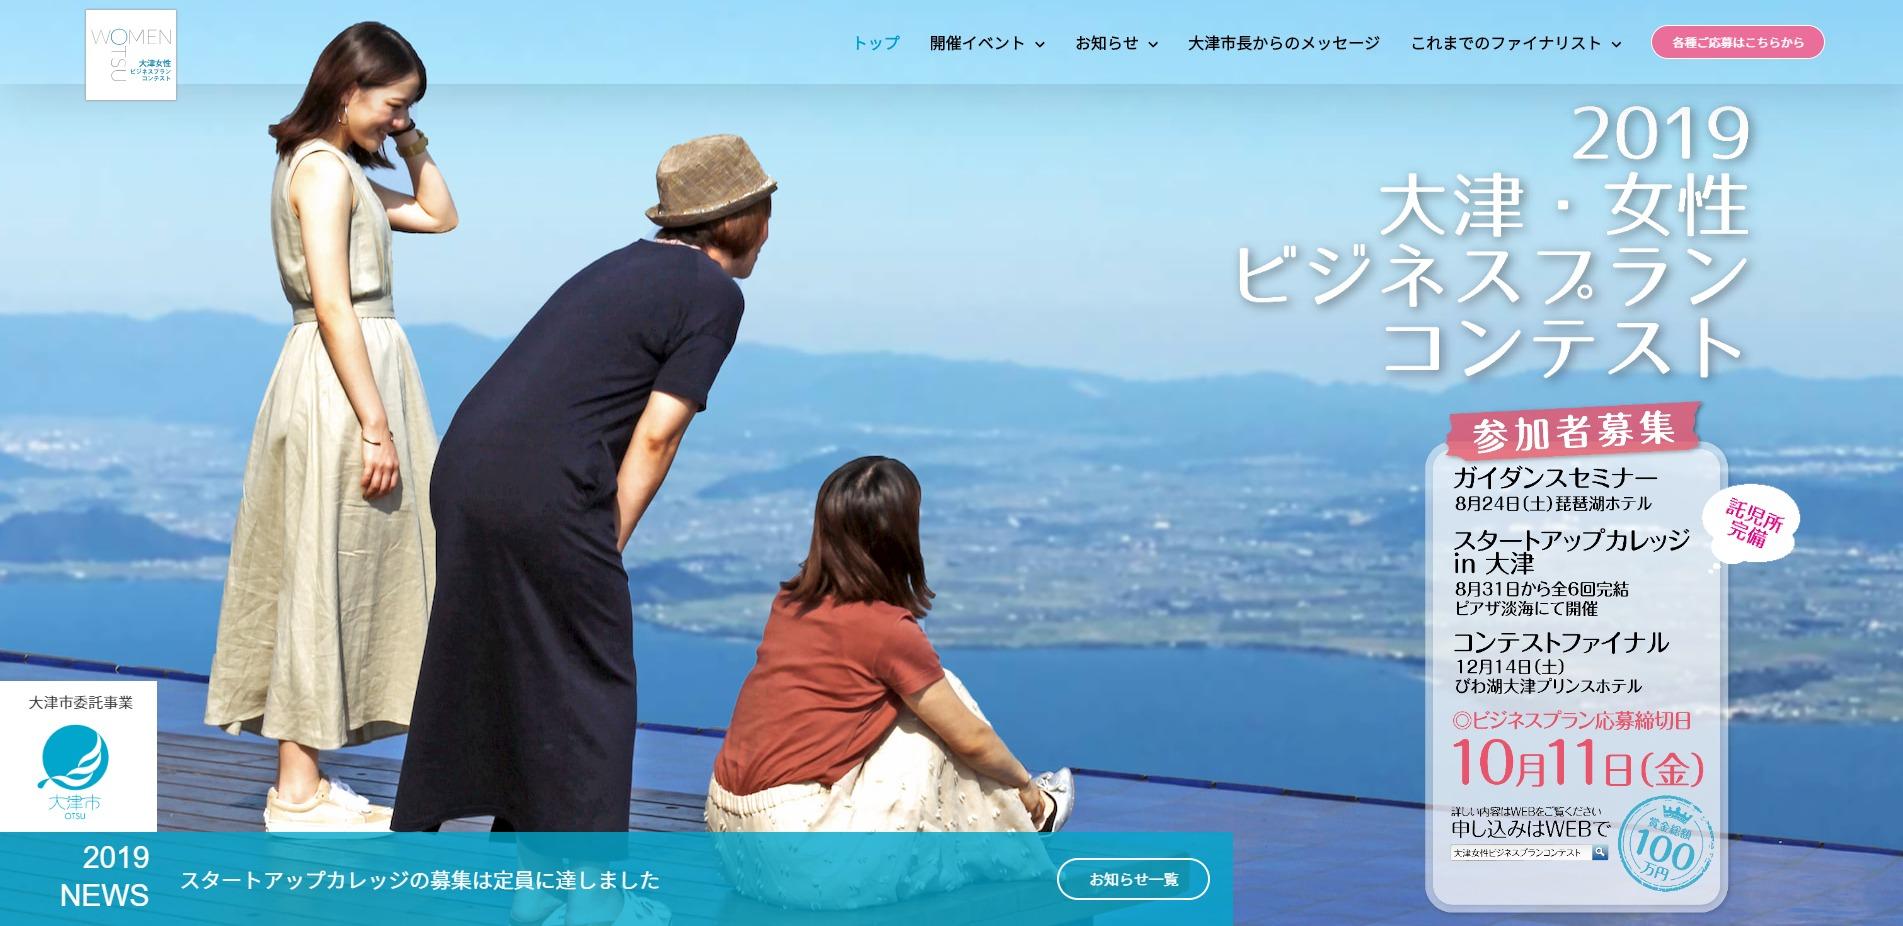 【司会】大津・女性 ビジネスプランコンテスト ガイダンスセミナー